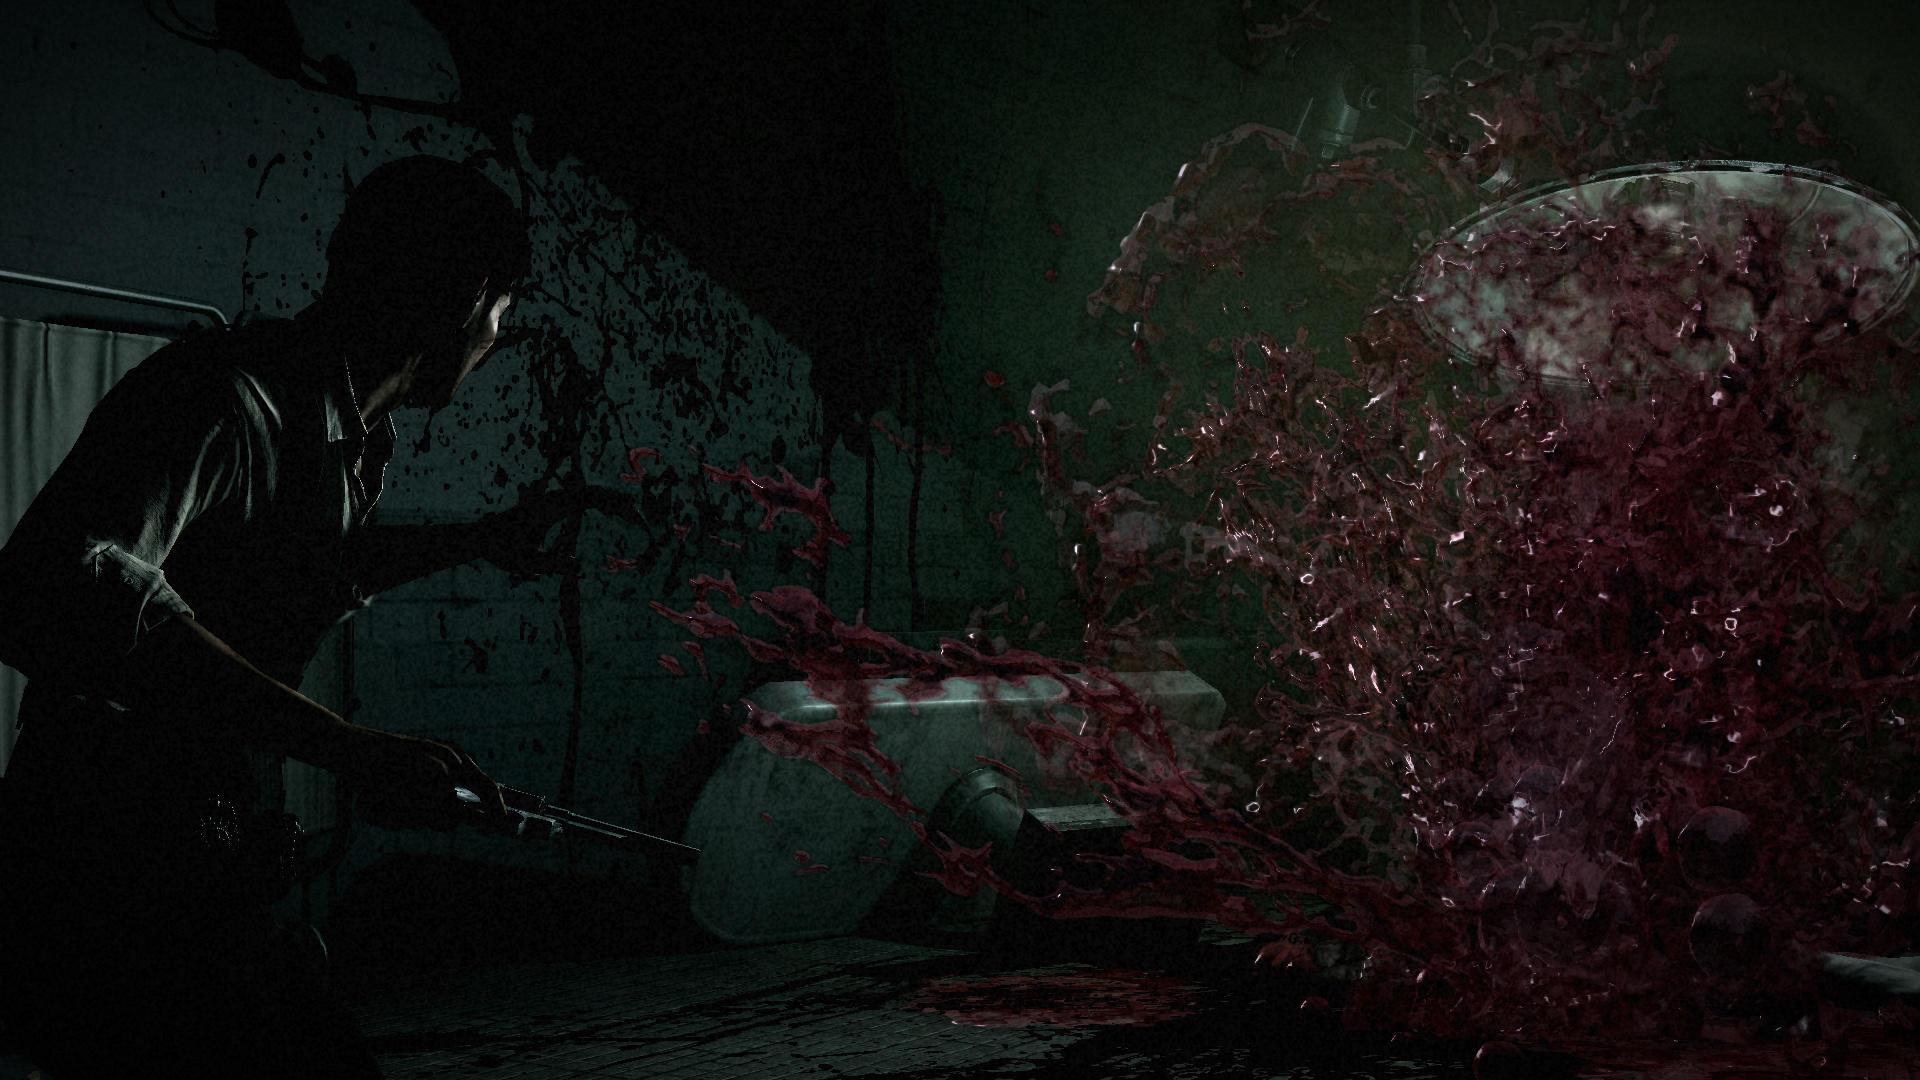 Obrazem: Nezáviděné situace detektiva v hororu The Evil Within 85422